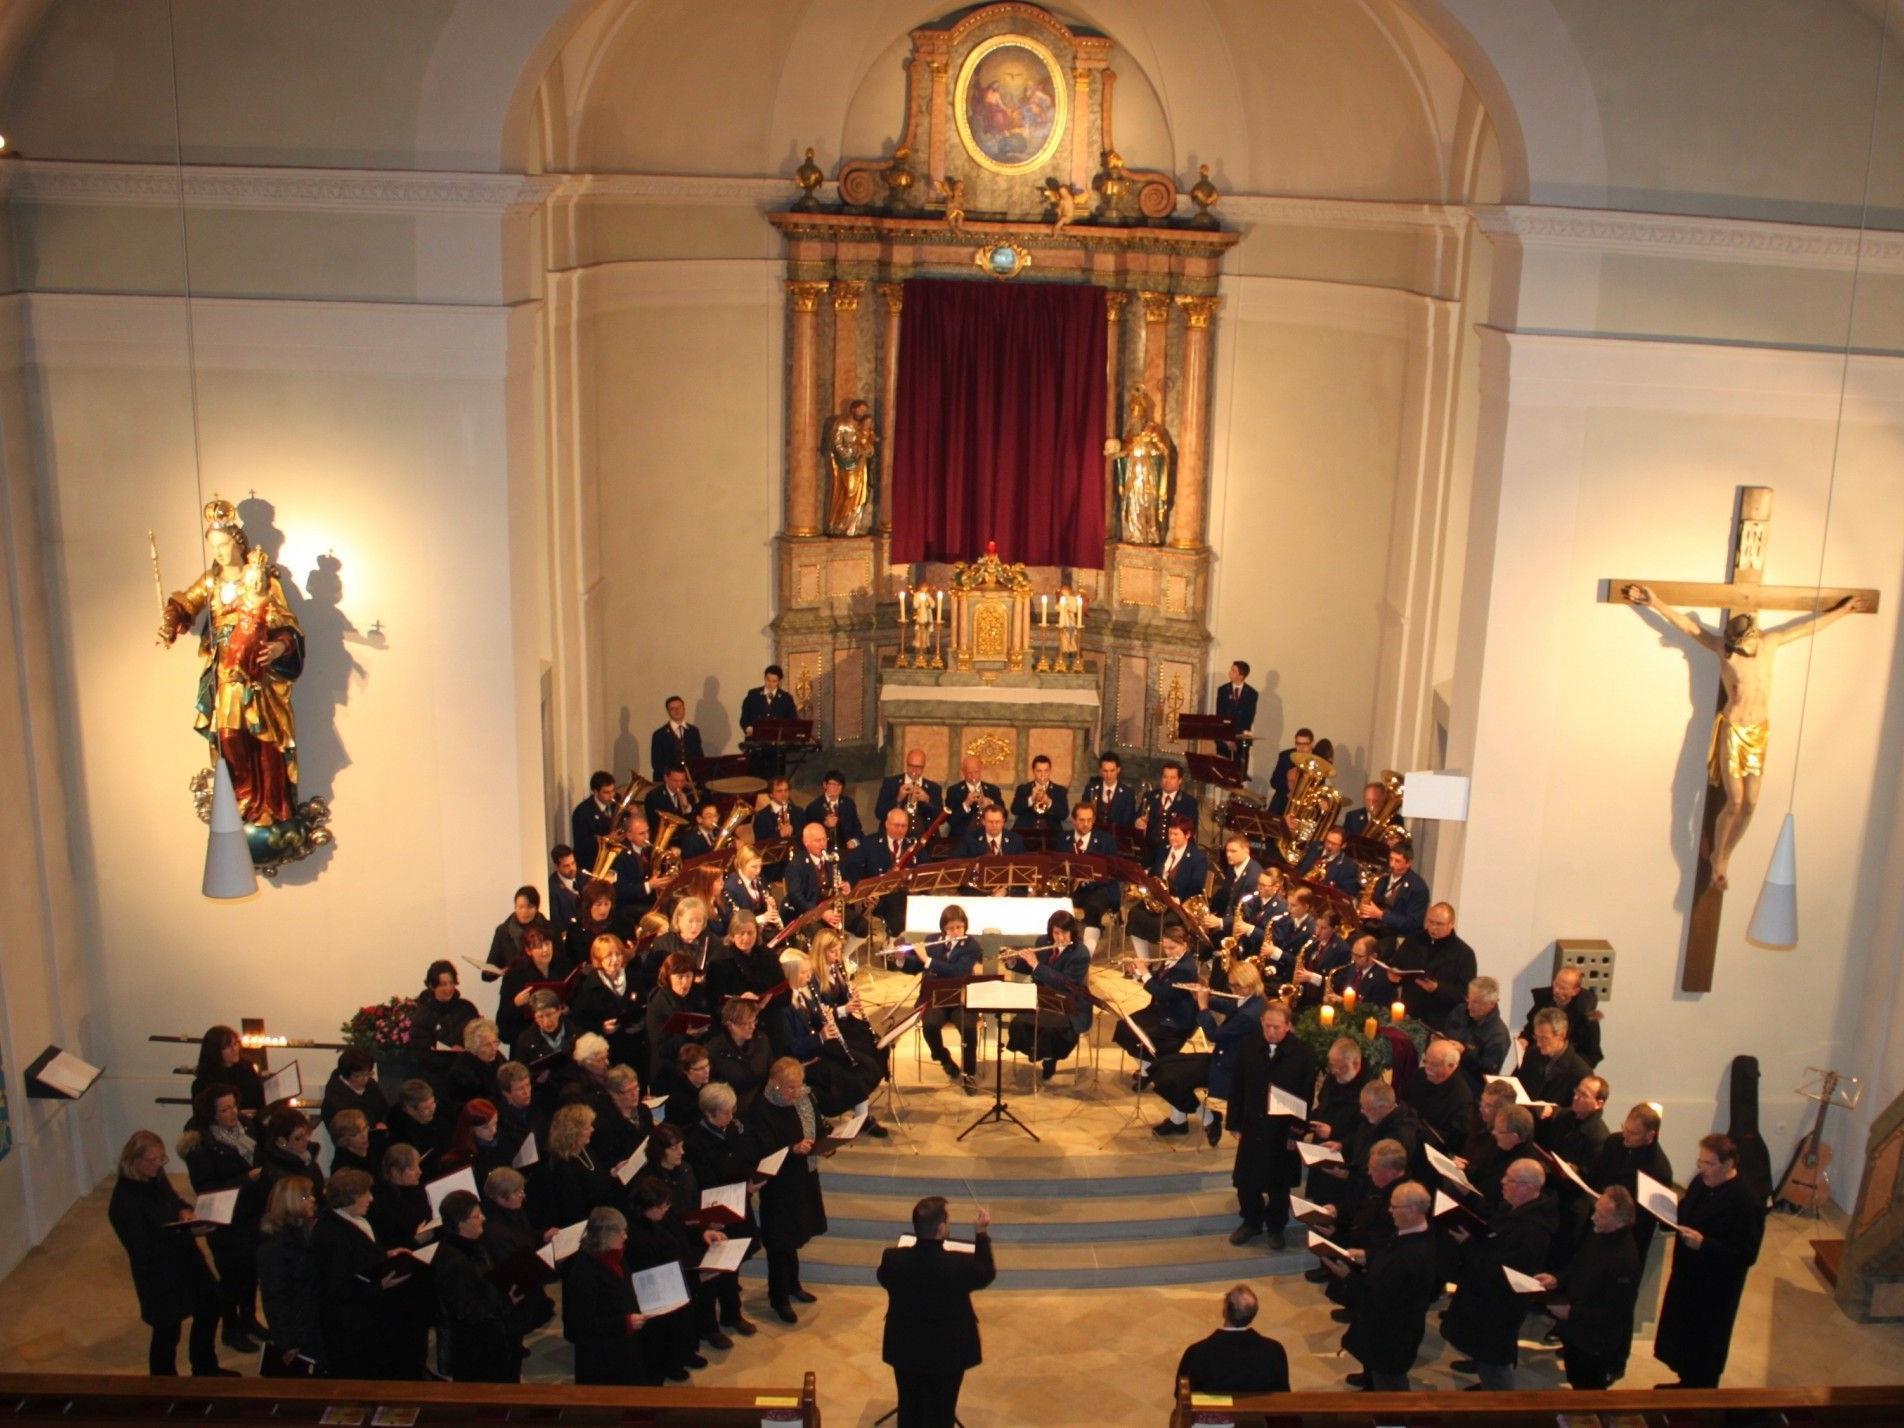 Kirchenkonzert mit dem Musikverein Lochau und den Chören des Liederkranzes Kißlegg im stimmungsvollen Ambiente der Pfarrkirche.